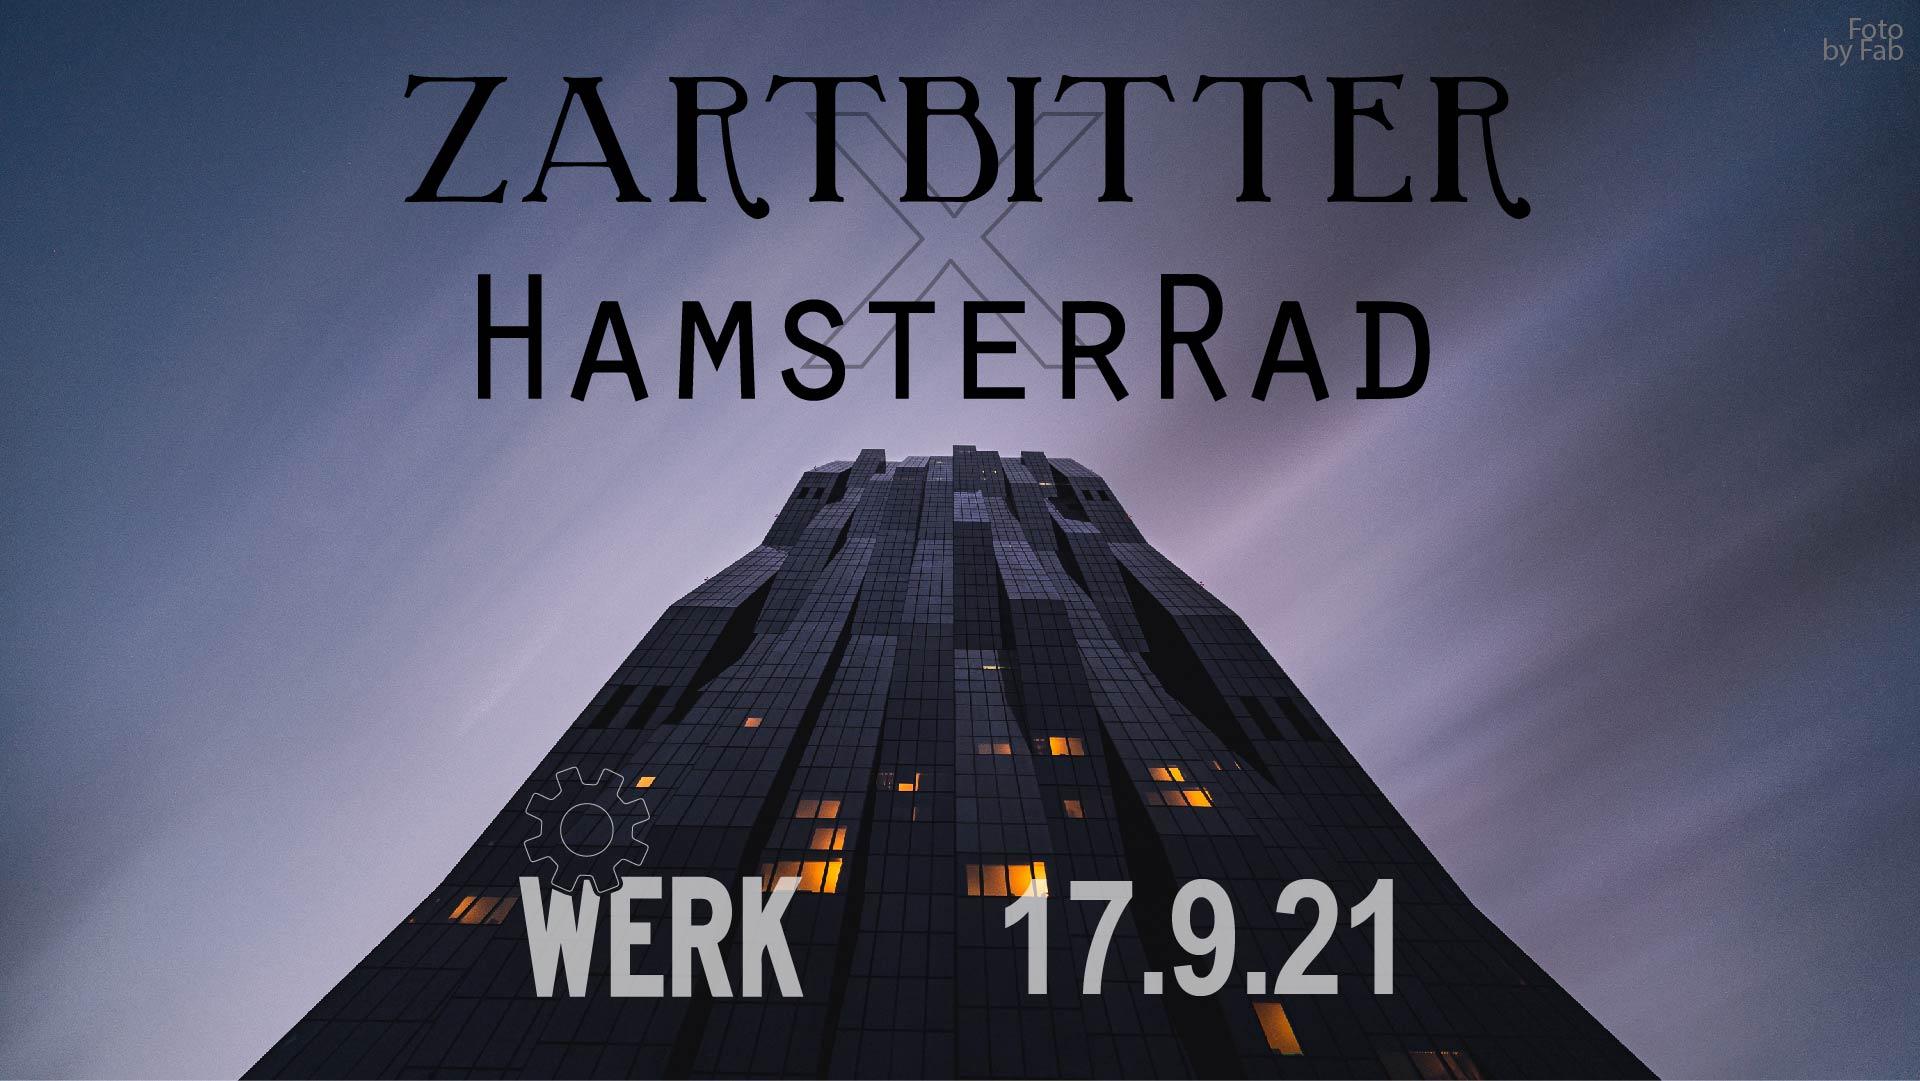 Events Wien: ZARTBITTER X HAMSTERRAD